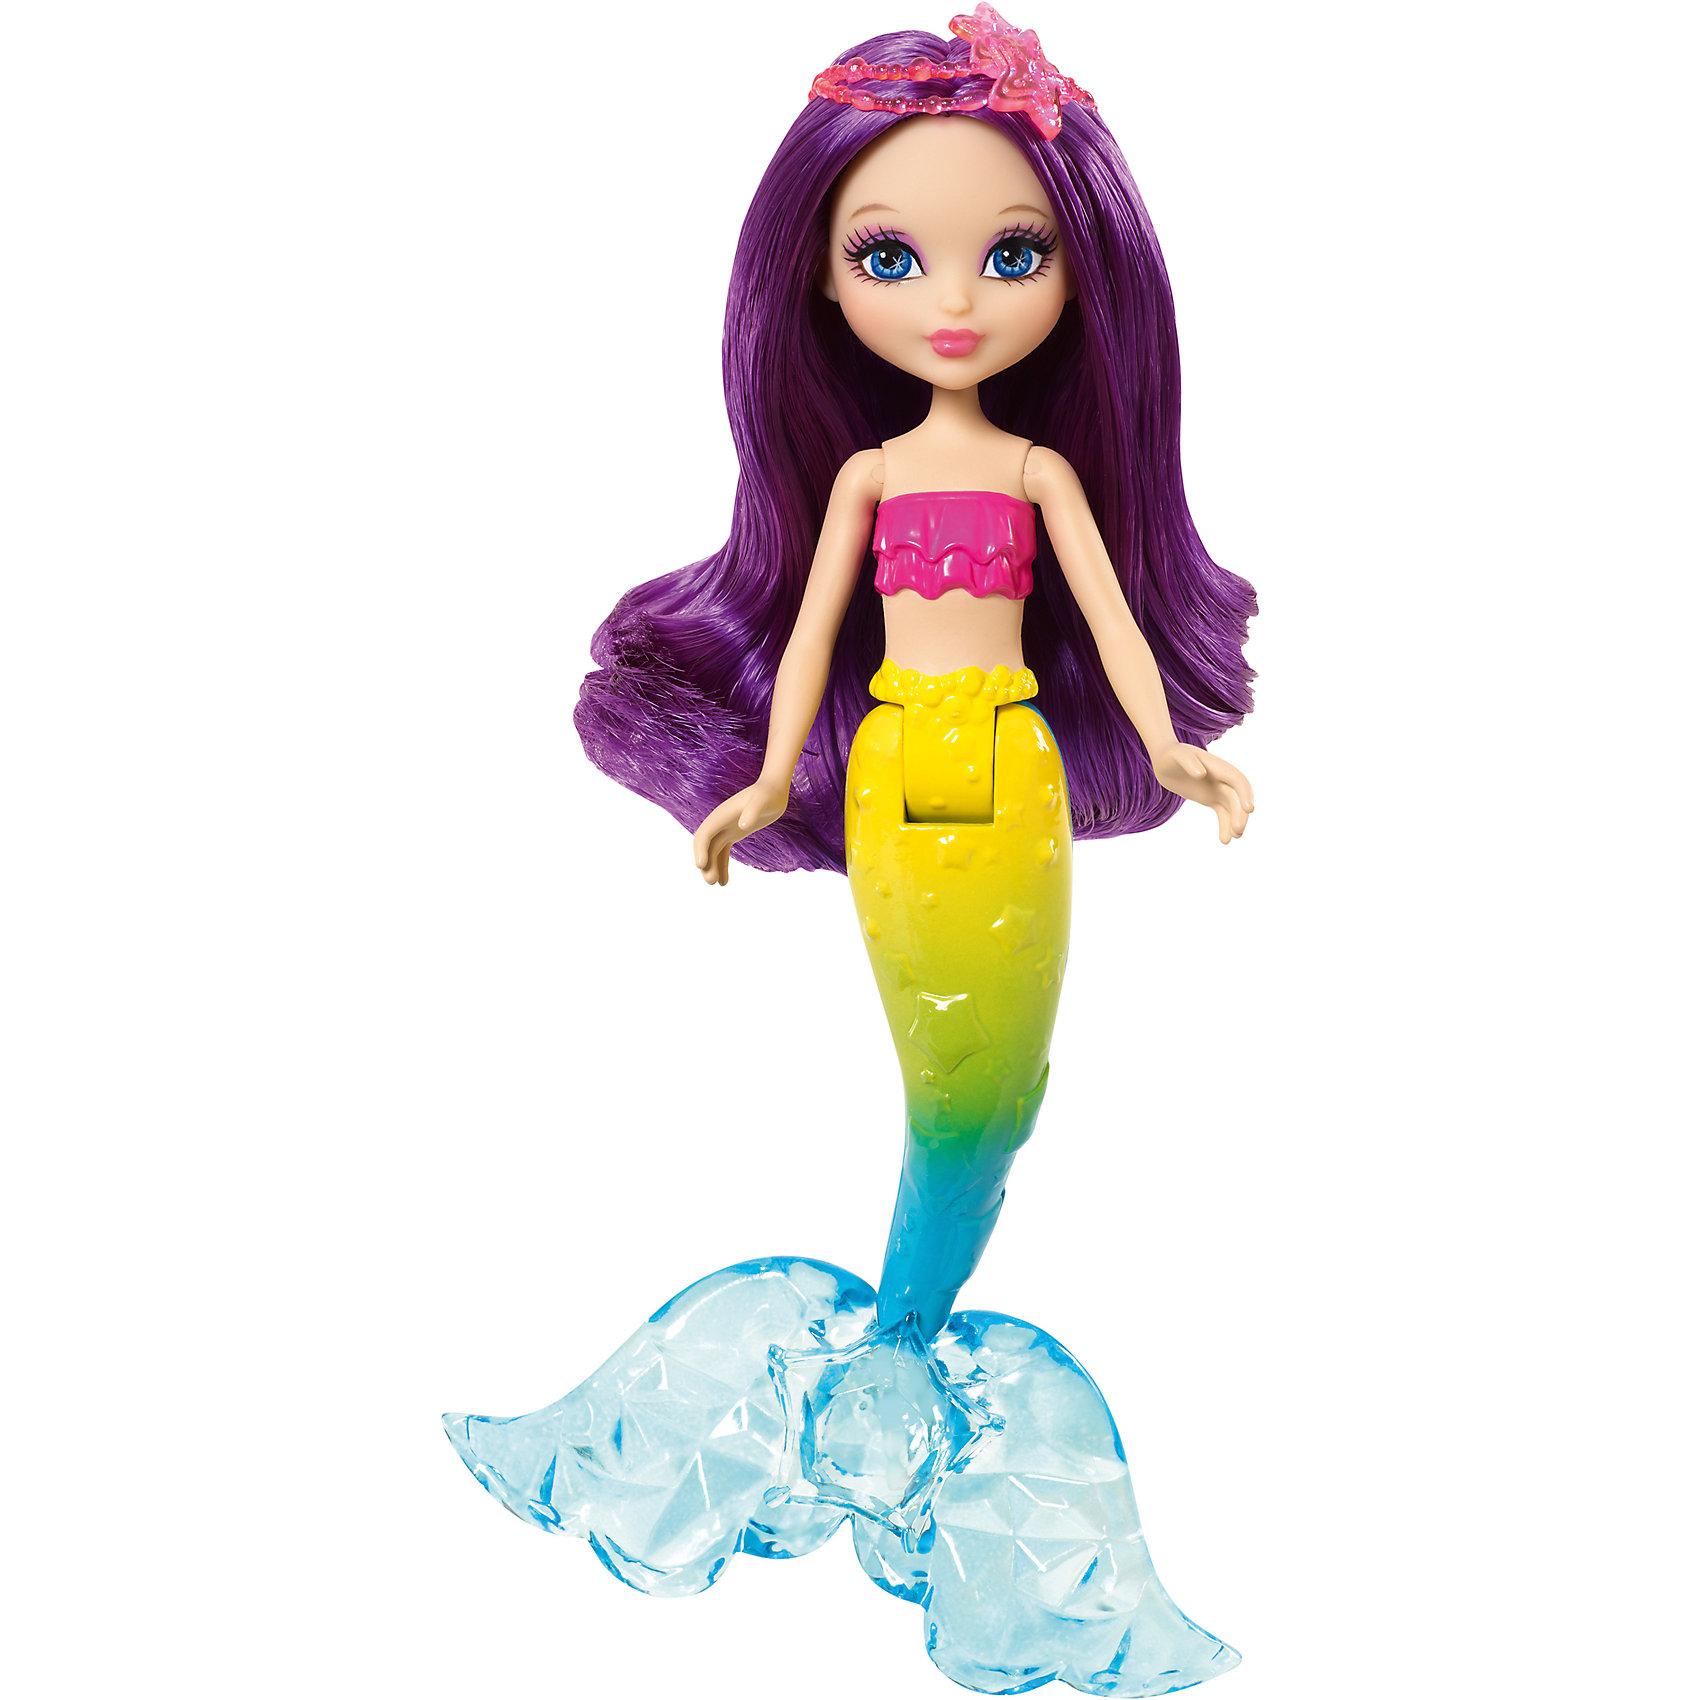 Русалочка, BarbieБарби Русалочка - это очень красивая кукла в с блестящими длинными волосами, которые можно расчесывать. У кукол подвижные руки, хвост, а голова поворачивается из стороны в сторону. Это отличный вариант подарка для любительницы кукол Барби. <br>Такие игрушки помогают развить мелкую моторику, логическое мышление и воображение ребенка. Эта игрушка выполнена из высококачественного прочного пластика, безопасного для детей, отлично детализирована.<br><br>Дополнительная информация:<br><br>цвет: разноцветный;<br>материал: пластик;<br>высота: 15 см;<br>размер упаковки: 21,5 x 12,5 x 4,5 см ;<br>вес: 135 г.<br><br>Куклу Русалочка, Barbie от компании Mattel можно купить в нашем магазине.<br><br>Ширина мм: 215<br>Глубина мм: 125<br>Высота мм: 45<br>Вес г: 135<br>Возраст от месяцев: 36<br>Возраст до месяцев: 72<br>Пол: Женский<br>Возраст: Детский<br>SKU: 4791103